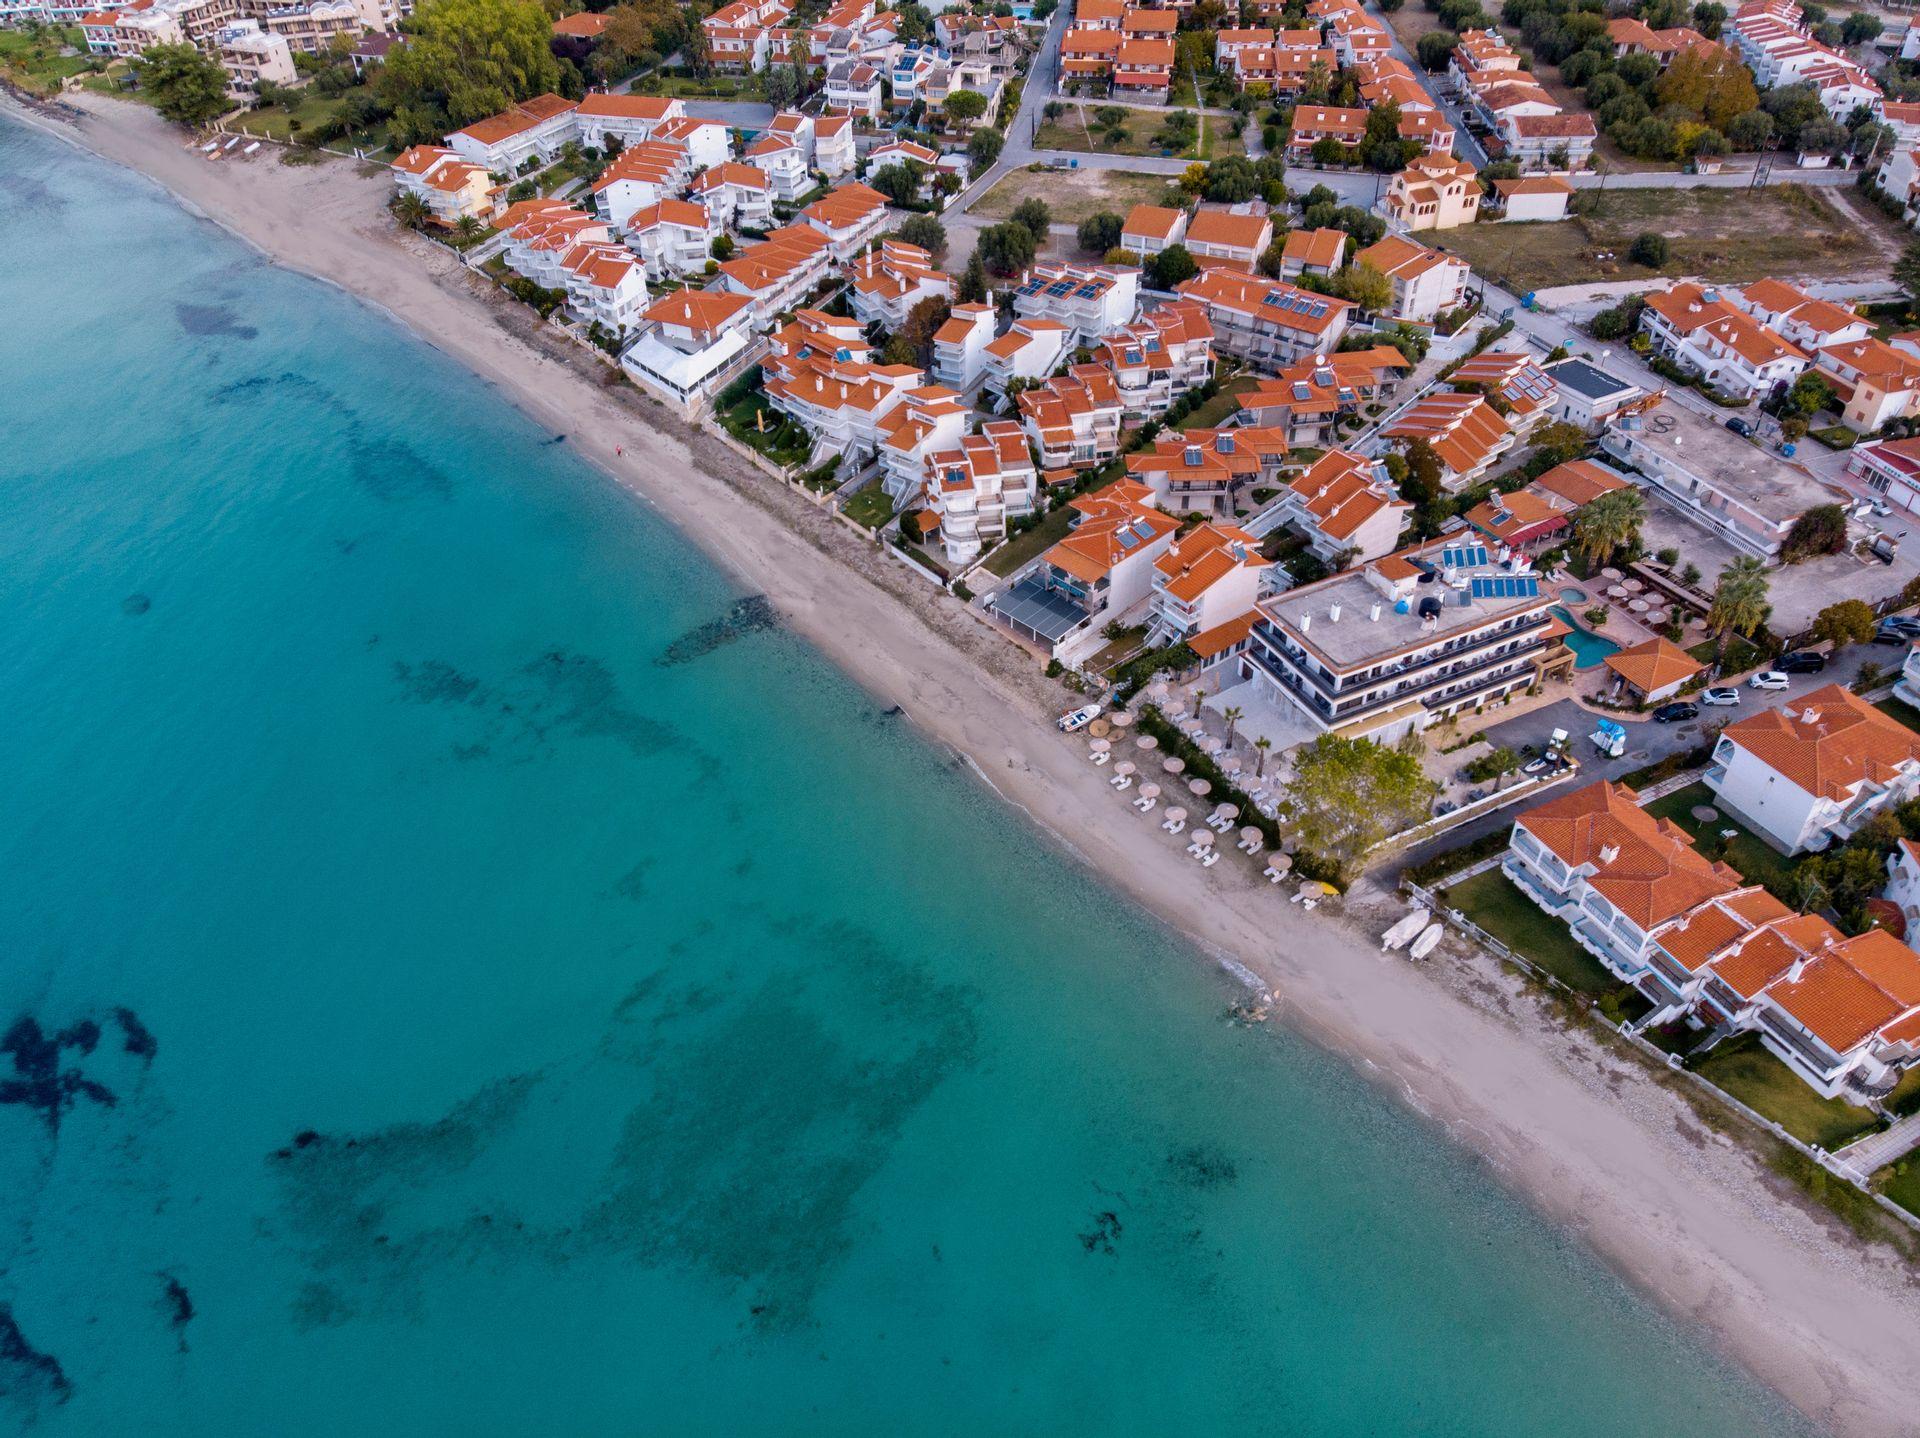 4* Greek Pride Seafront Hotel - Παραλία Φούρκας, Χαλκιδική ✦ 8 Ημέρες (7 Διανυκτερεύσεις) ✦ 2 άτομα ✦ Πρωινό ✦ 21/05/2021 έως 30/06/2021 ✦ Μπροστά στην παραλία!